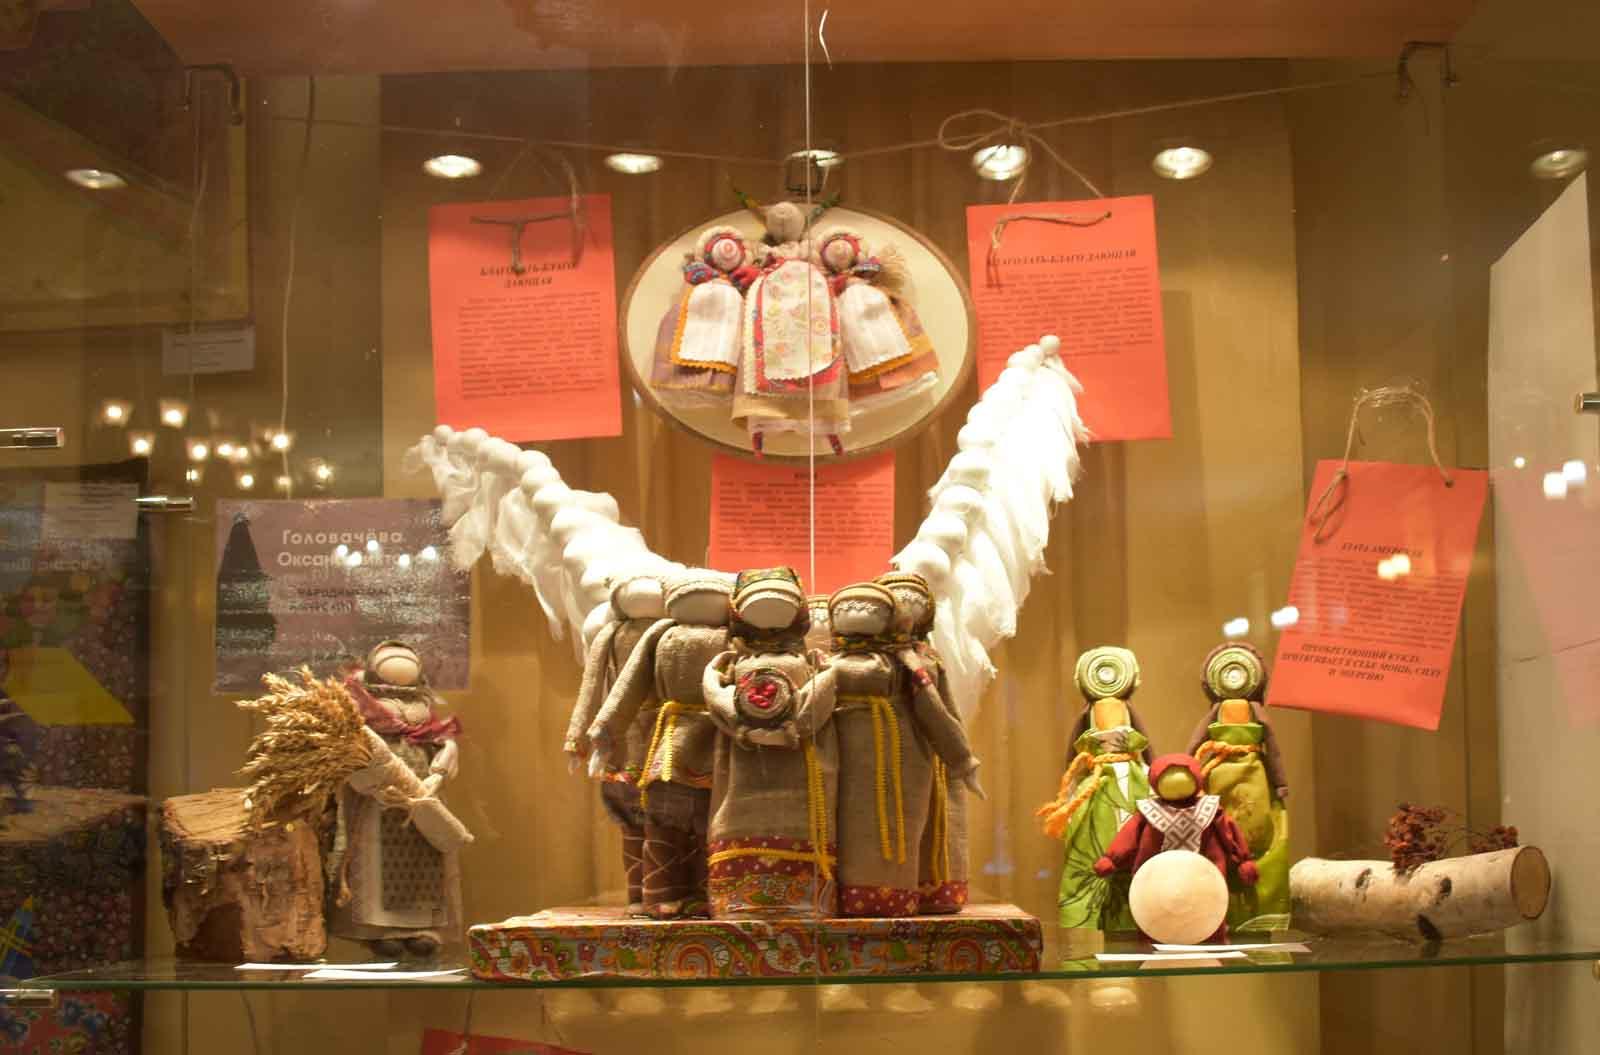 Выставка благовещенского клуба мастеров открылась в Амурской области